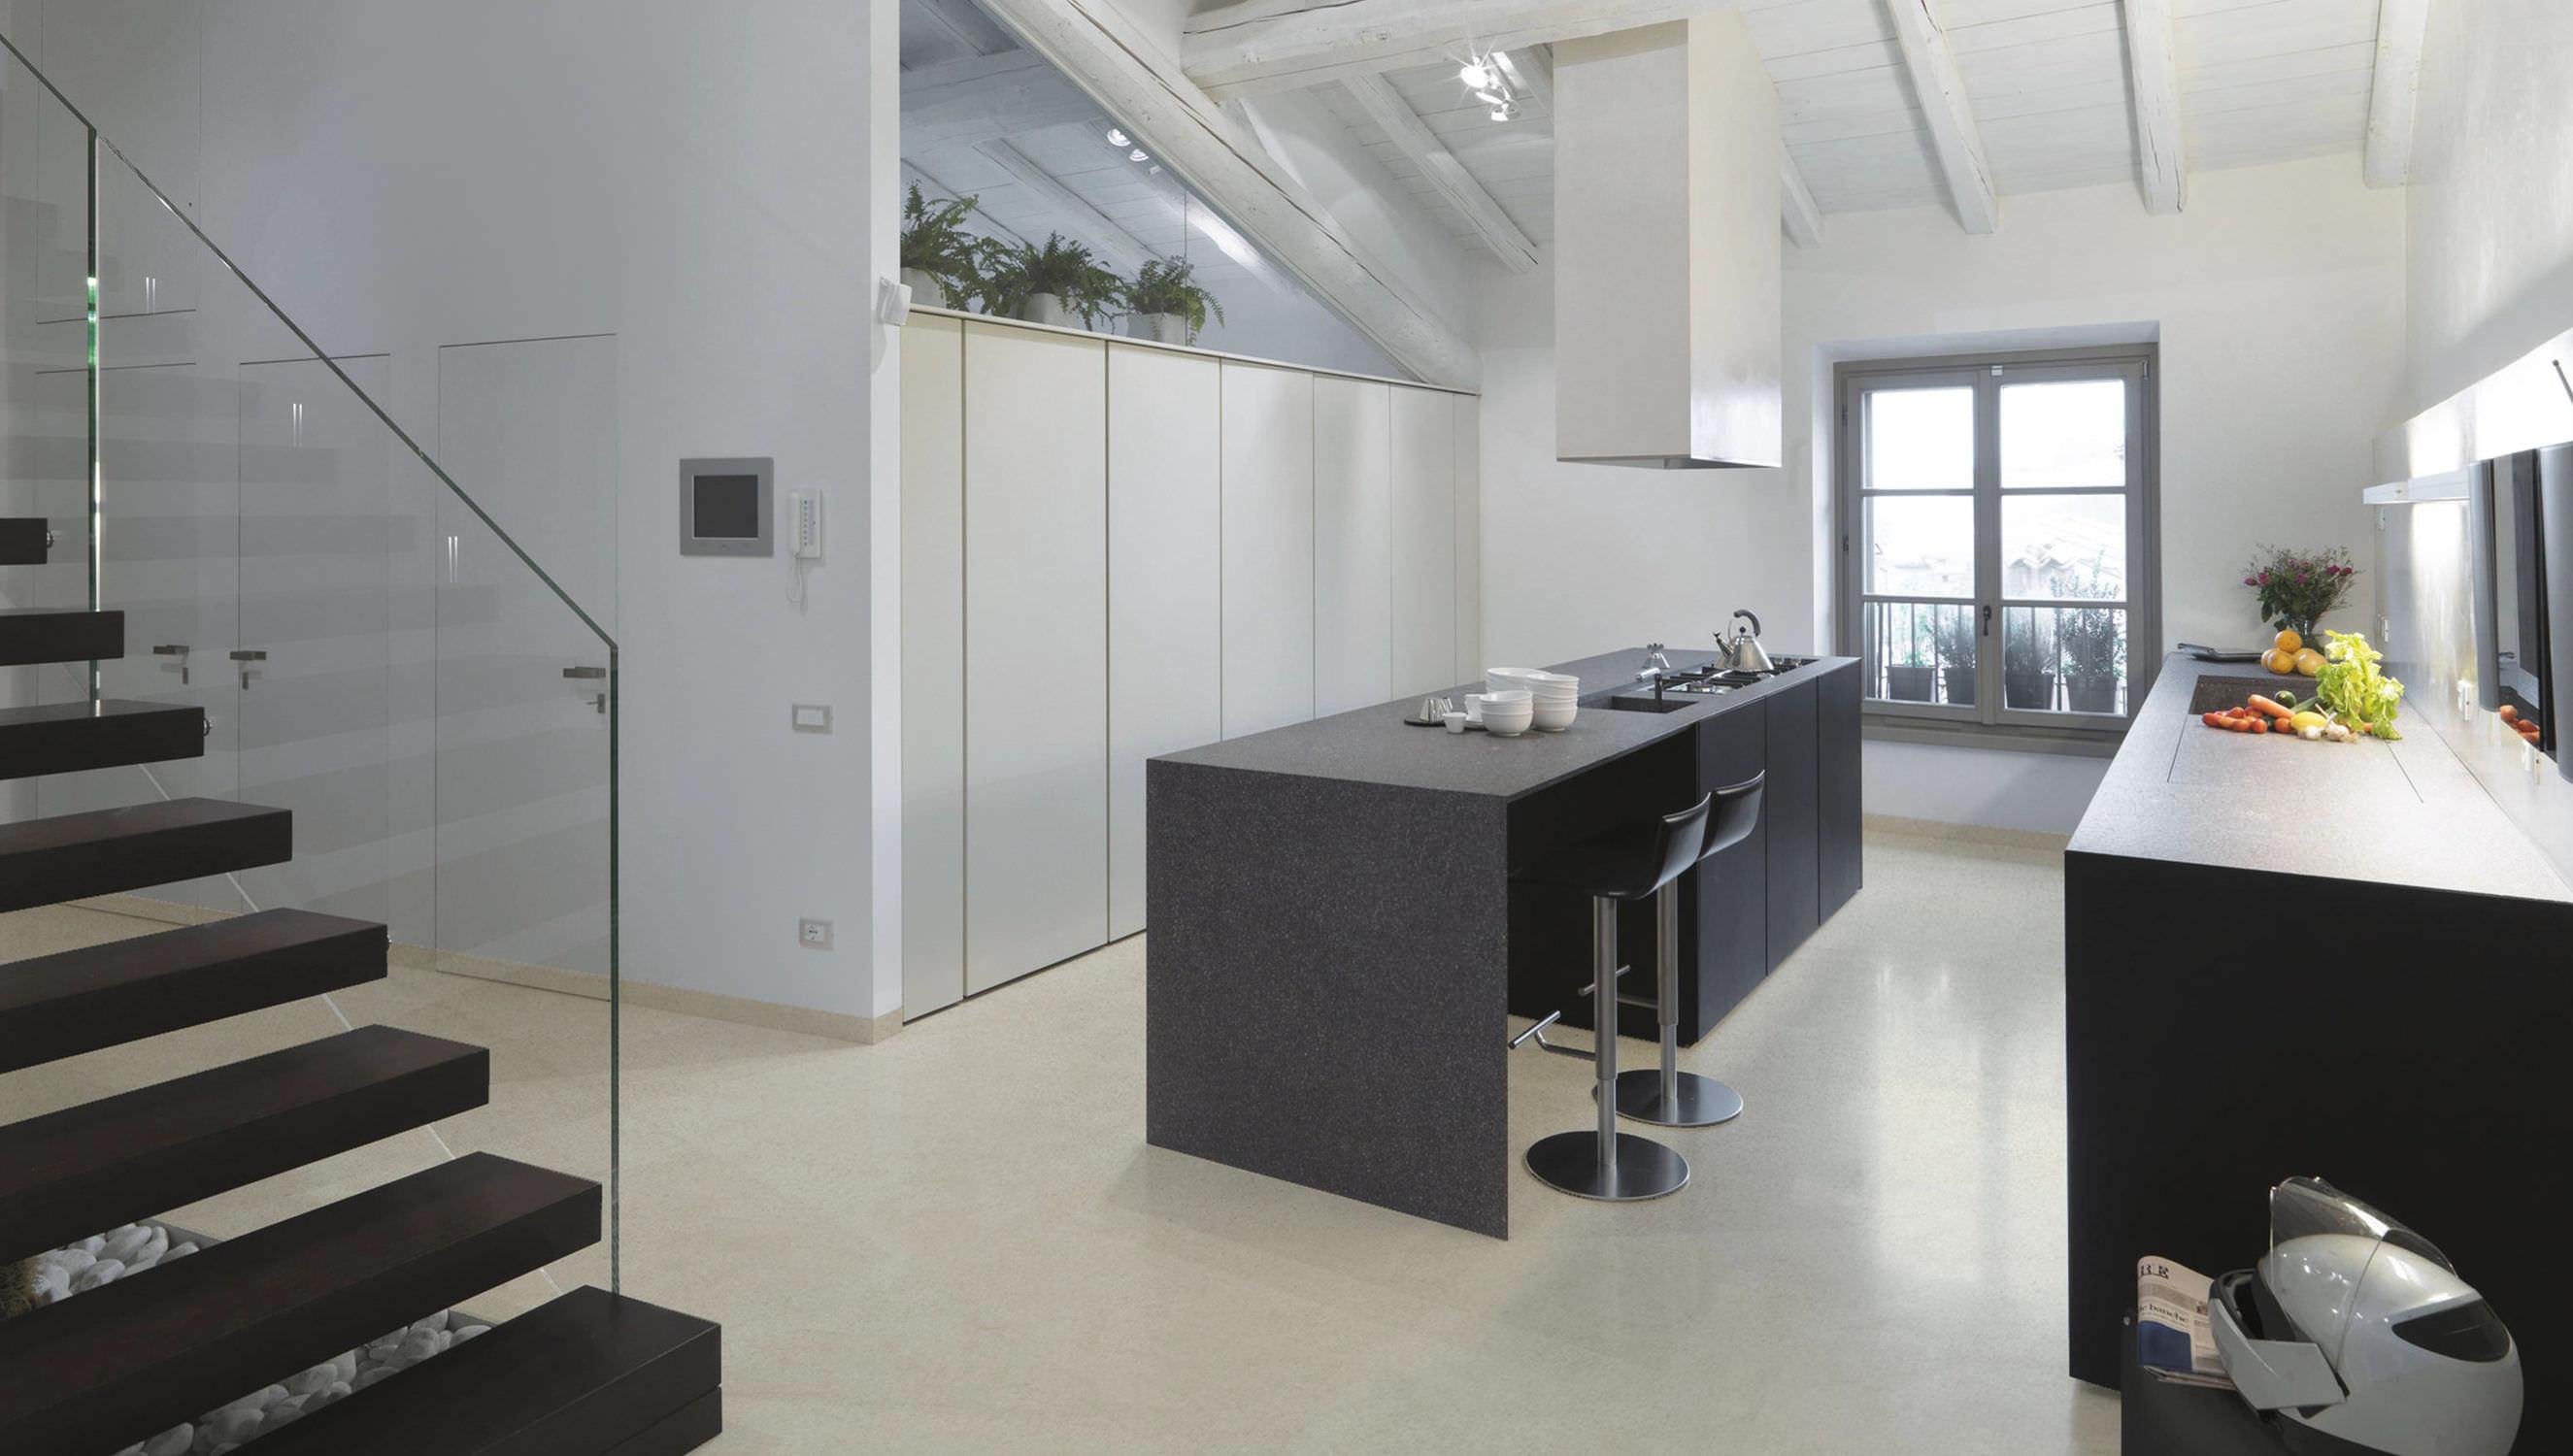 Innenraum-Fliesen / Wohnzimmer / für Böden / aus Terrazzo - Design ...